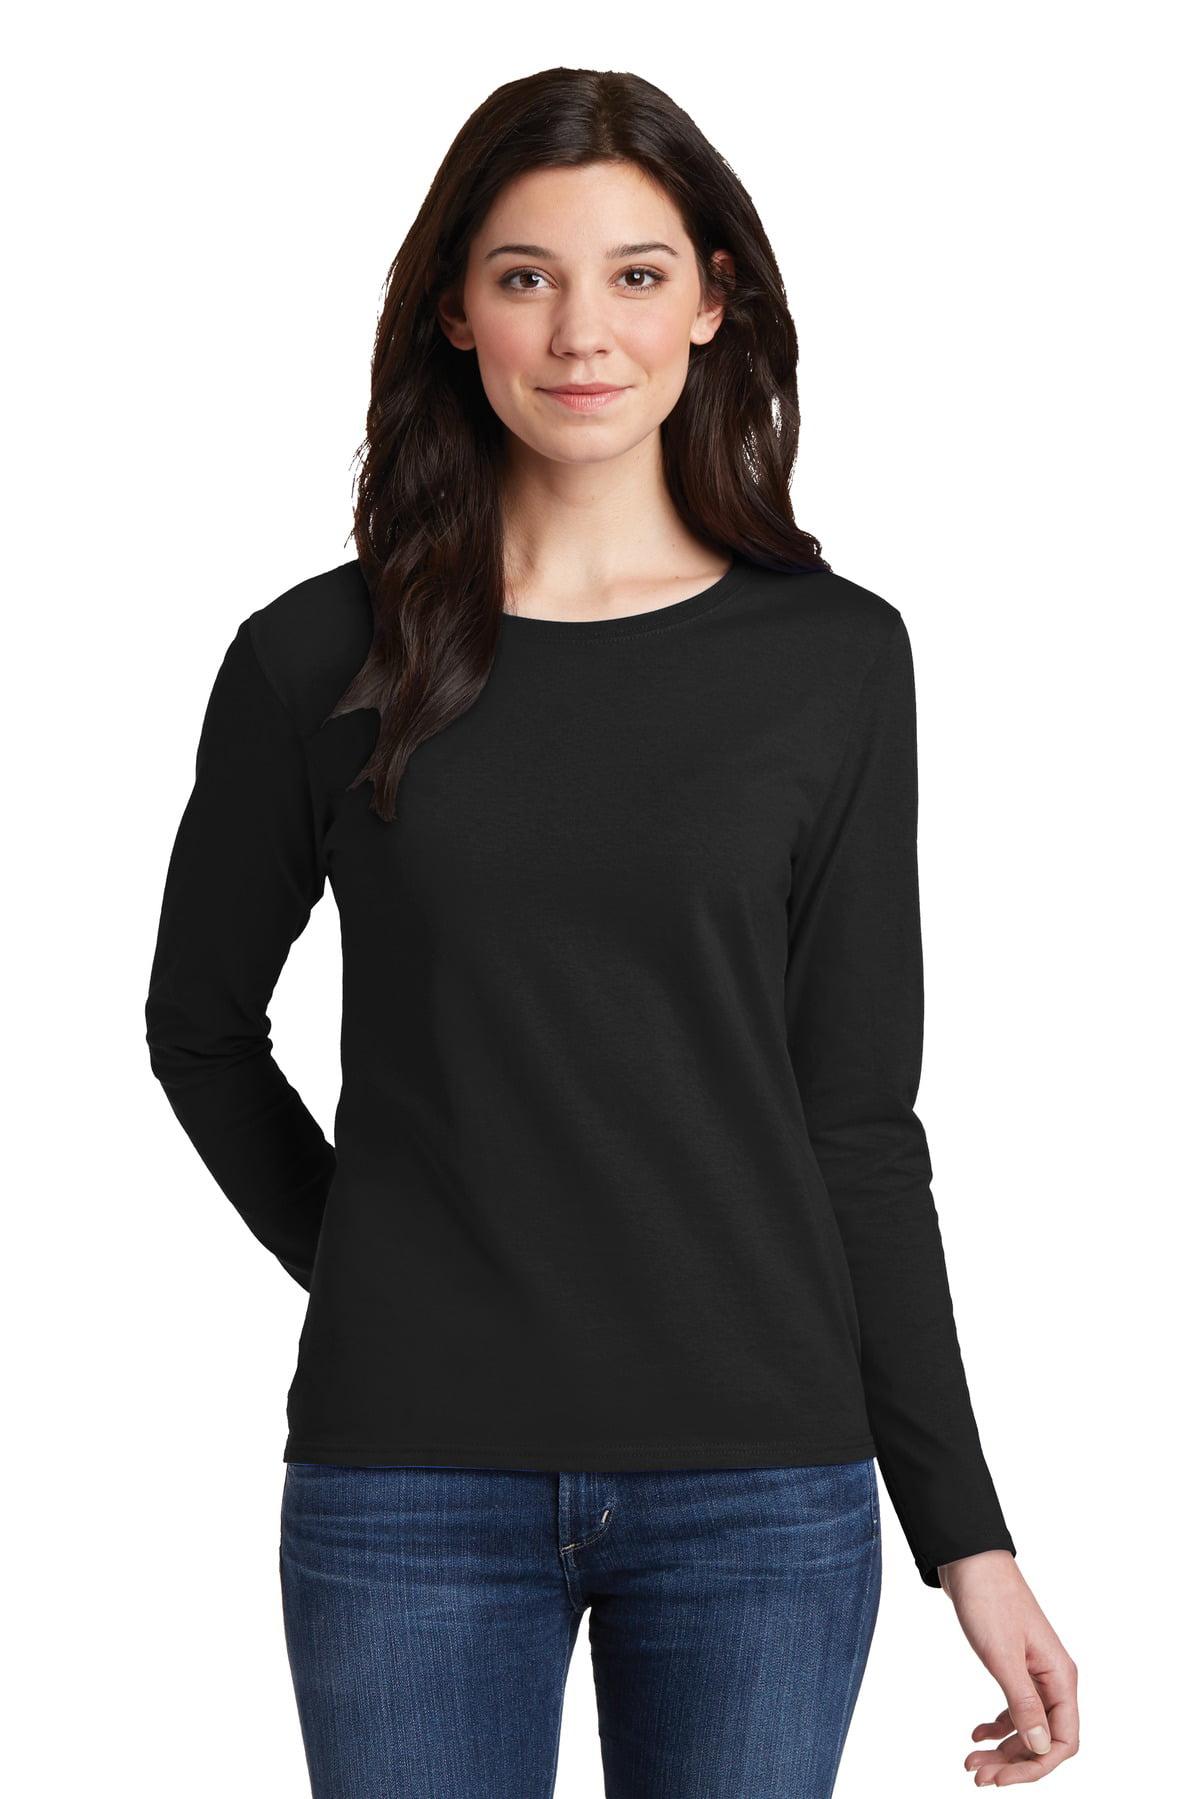 c0ab95fb3e361 Gildan - Gildan Women s 100 Percent Cotton Long Sleeve T-Shirt. 5400L -  Walmart.com